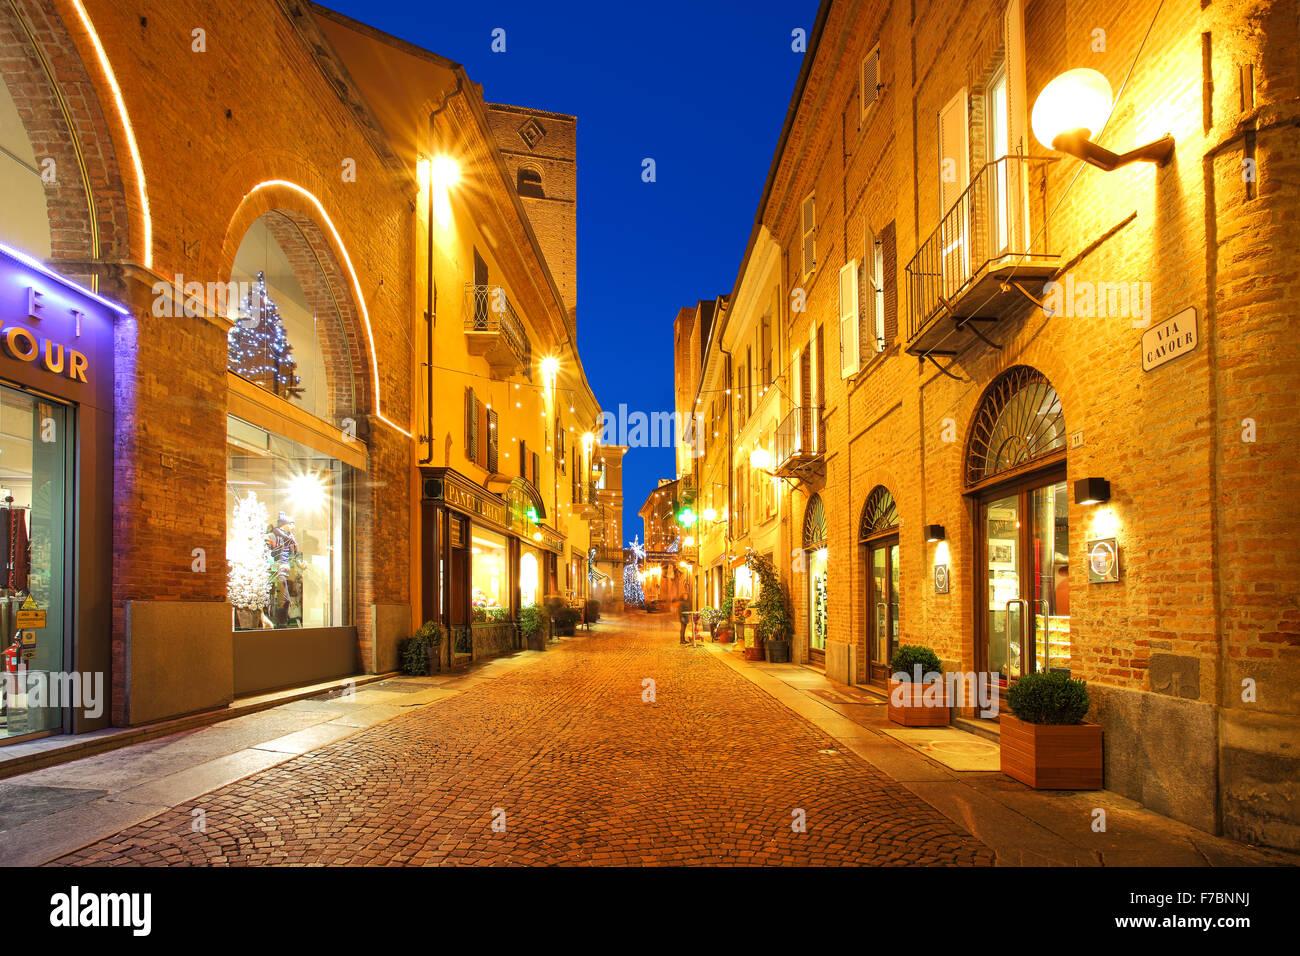 Famose strade turistiche nel centro storico di Alba, Italia. Immagini Stock